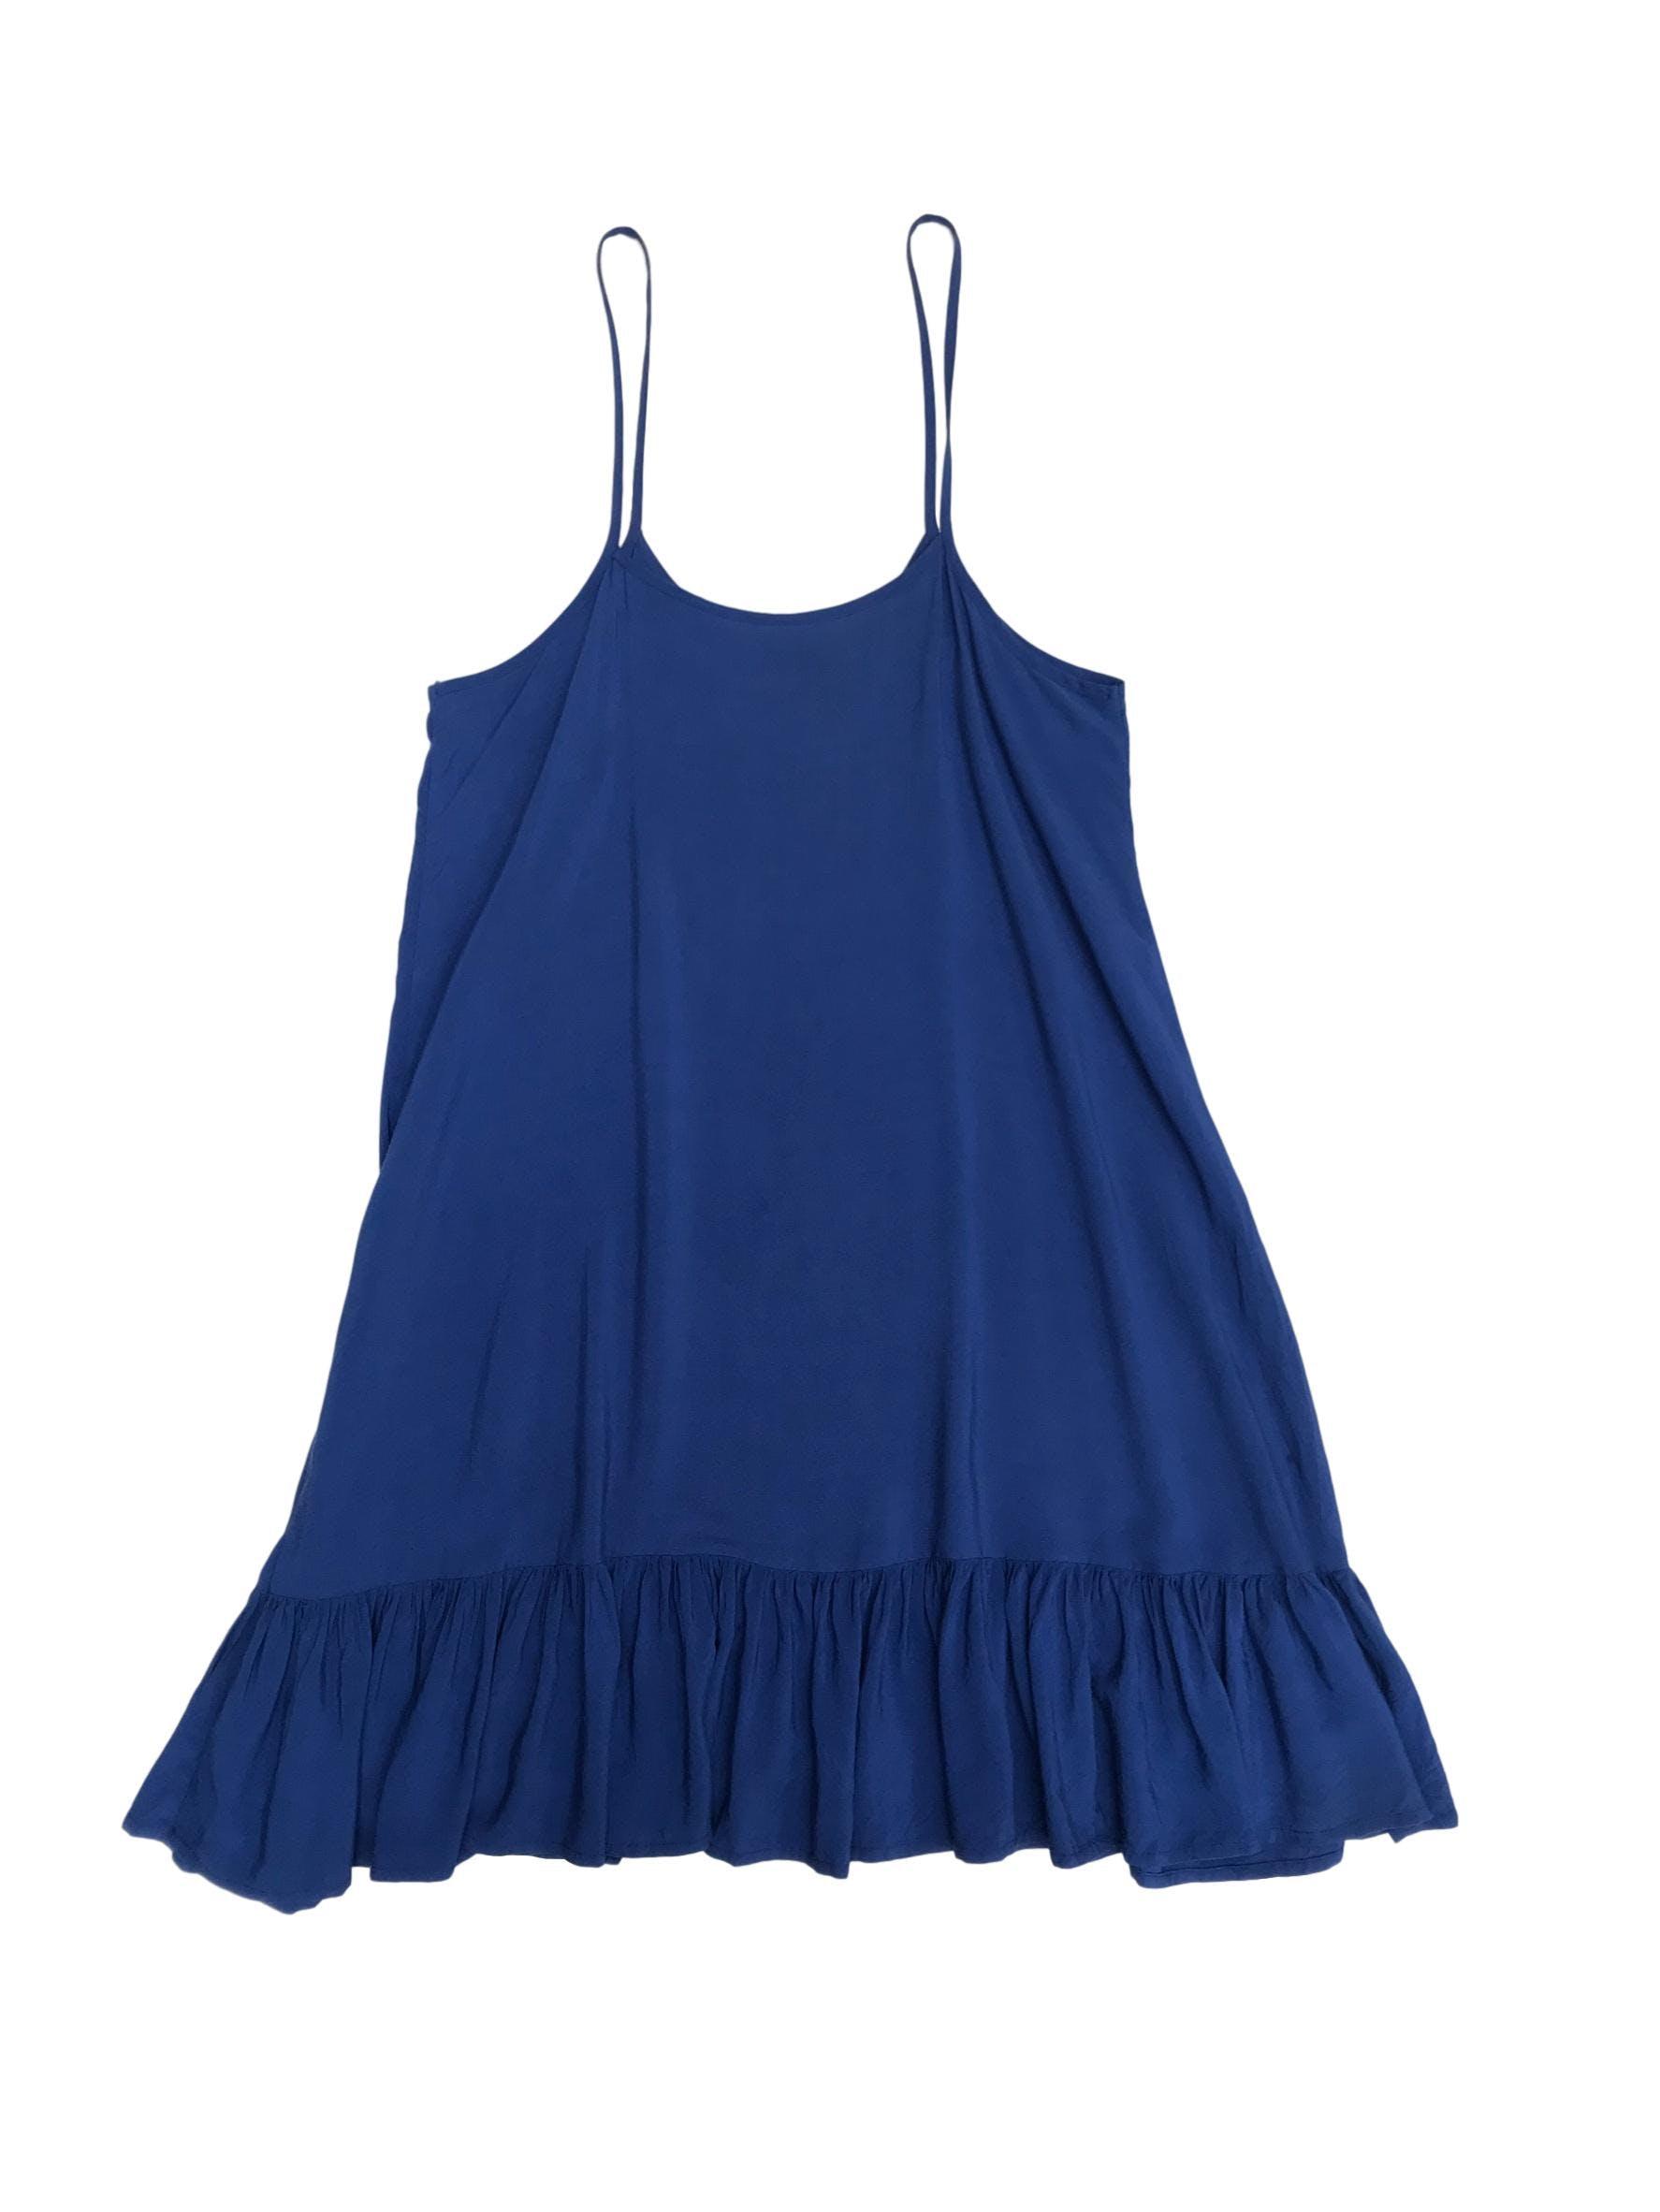 Vestido playero de tiritas azul con volante en la basta. Largo 86cm